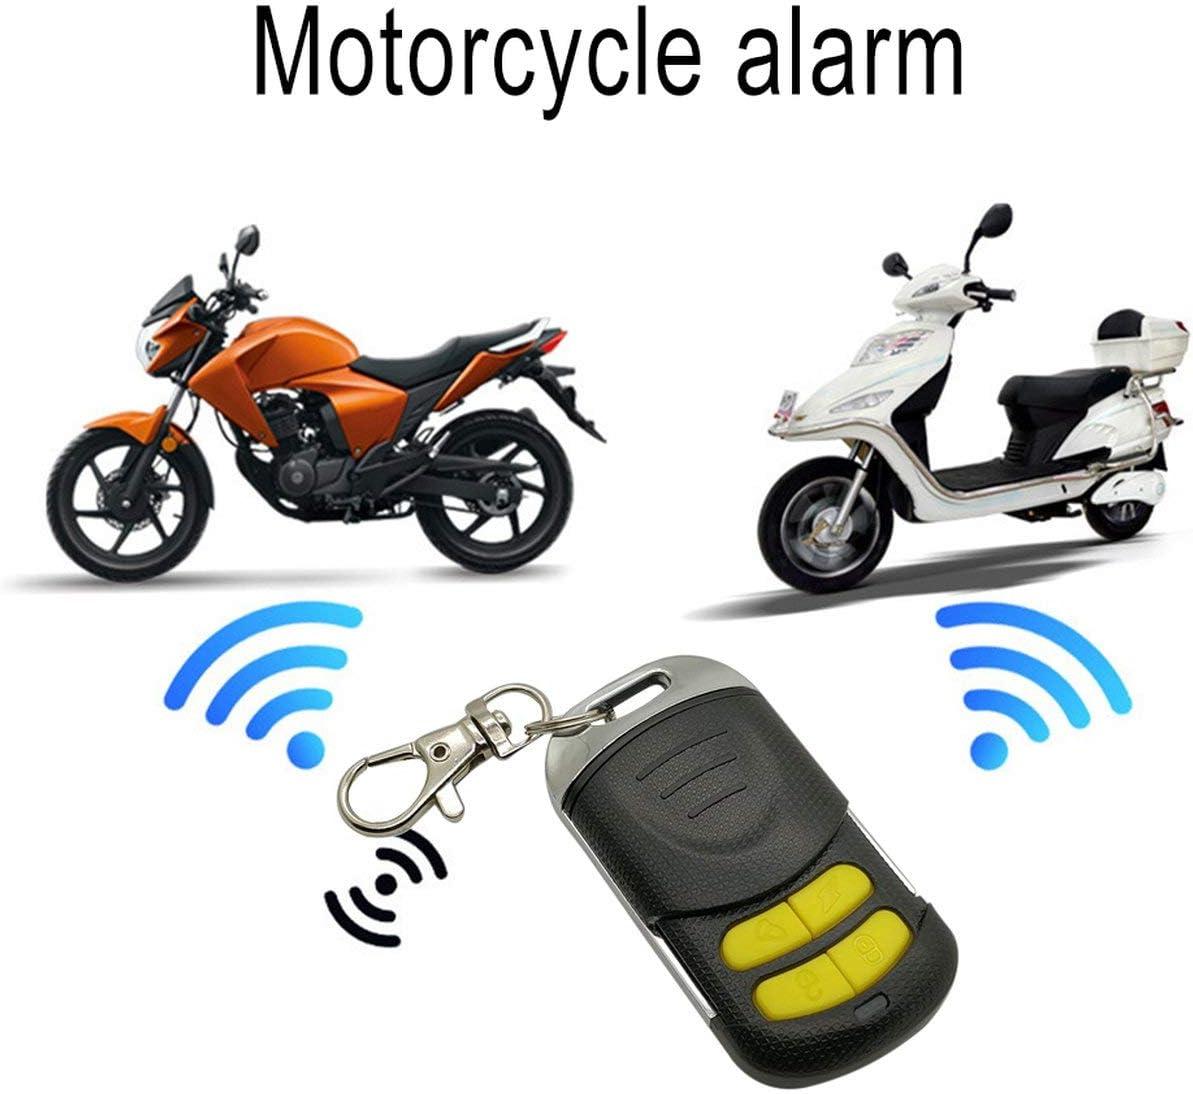 Noir JIUY Universial Double contr/ôle /à Distance Syst/ème de s/écurit/é Moto Alarme Moto antivol Protection v/élo Scooter Syst/ème